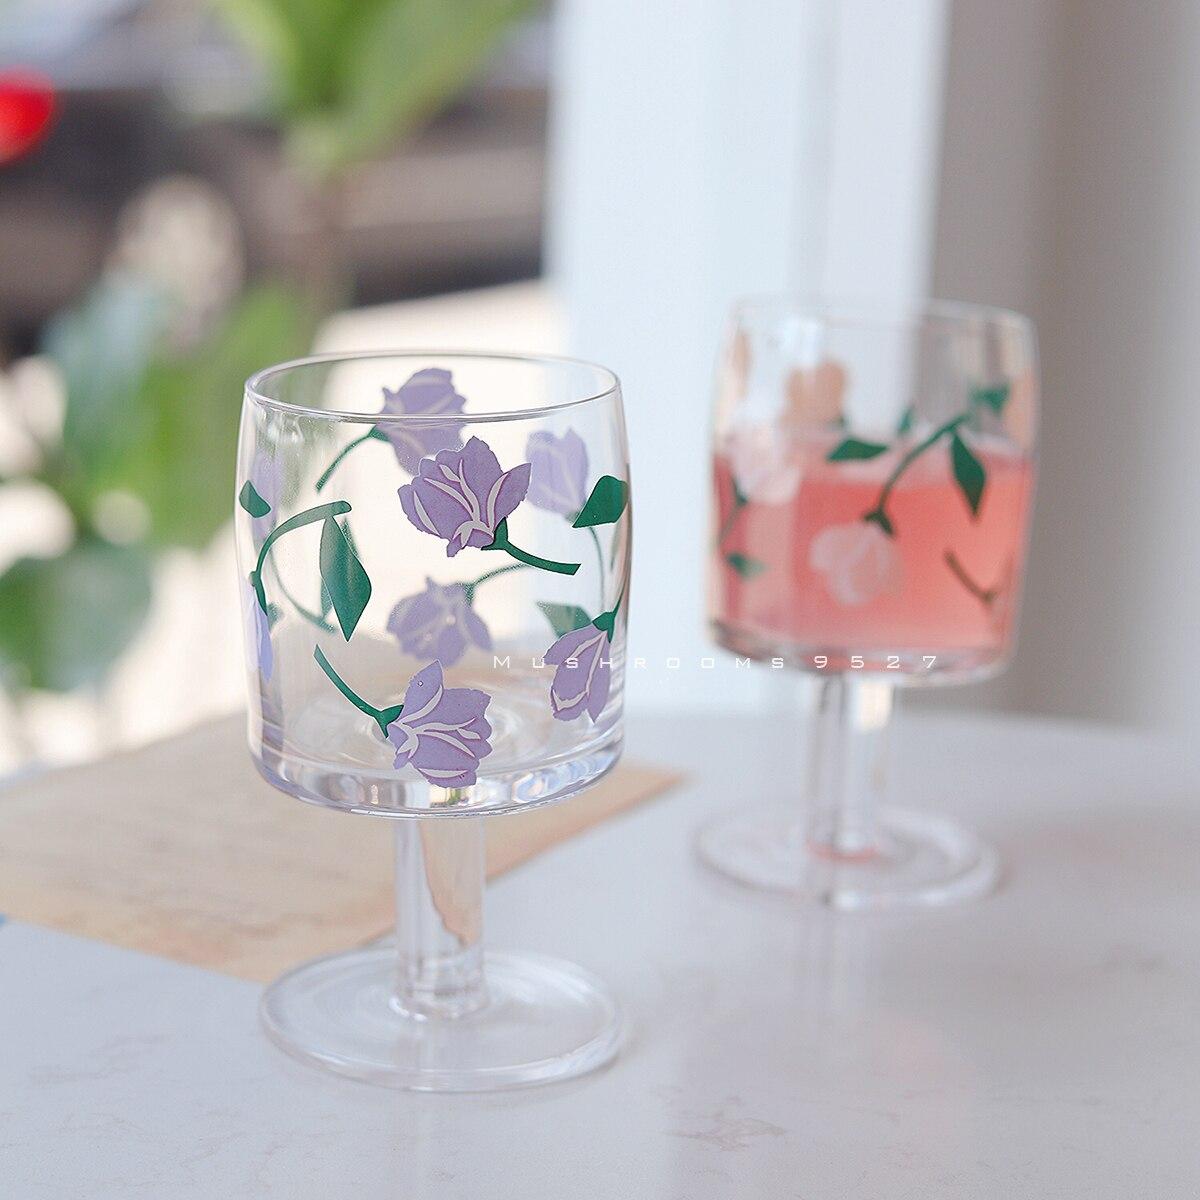 الصيف الرومانسية جديد لغة القزحية خمر فوار فتاة الزجاج القلب زجاج بوروسيليليك مرتفع كوب ماء كأس القهوة كوب حليب